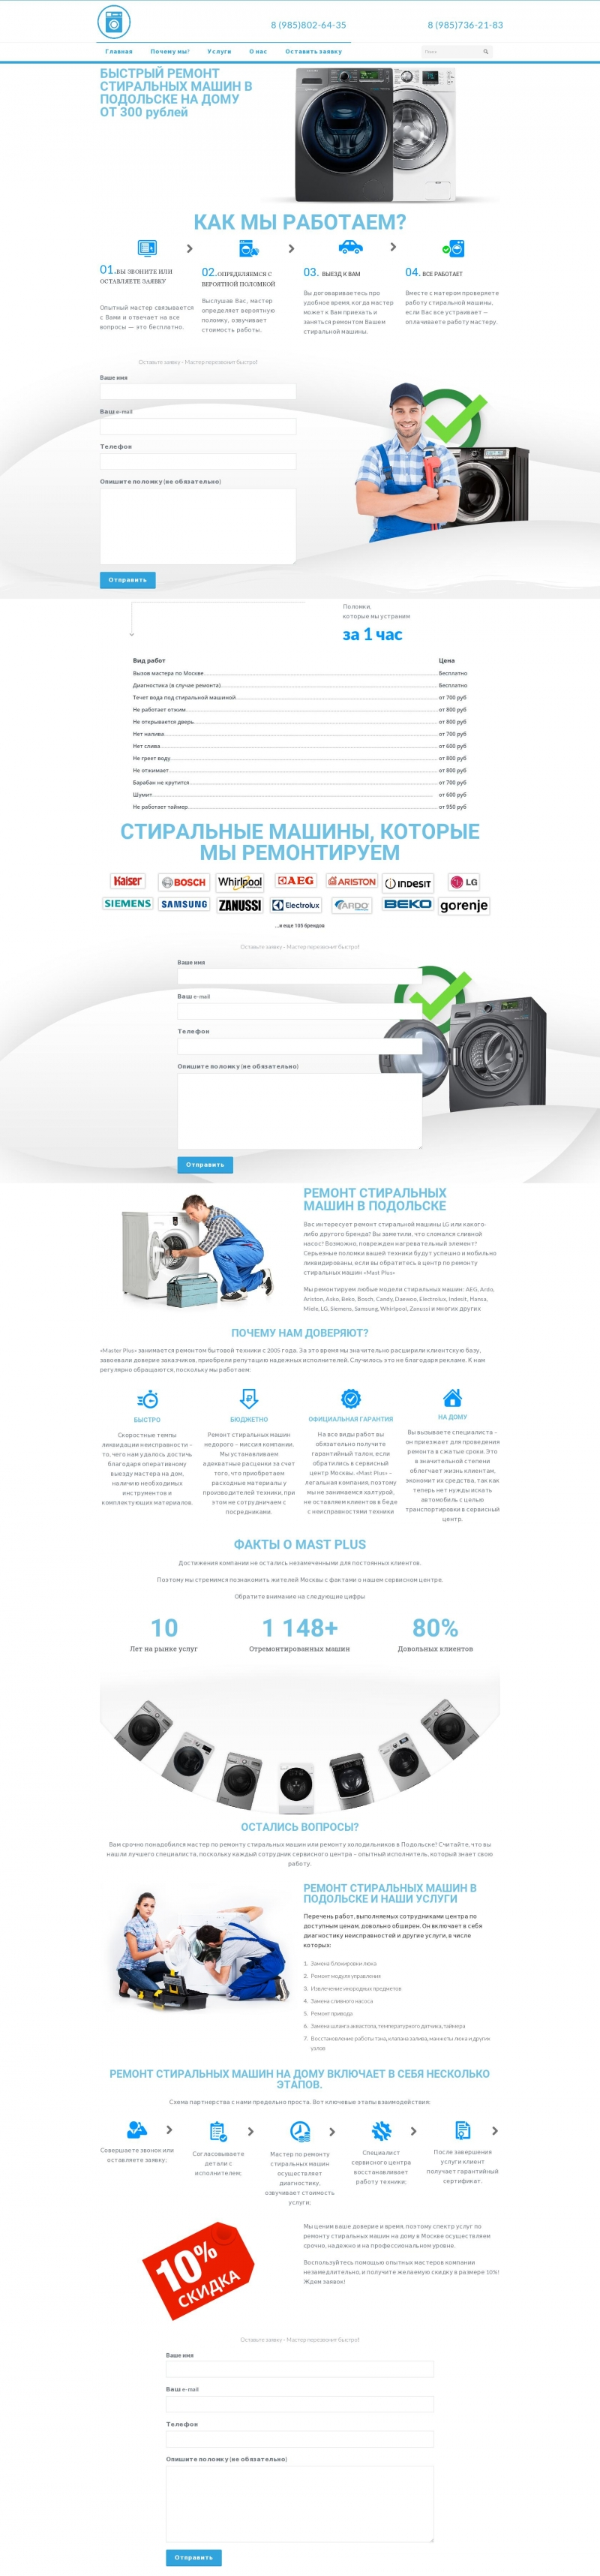 Создание Любых Сайтов и Продвижение в топ Яндекса